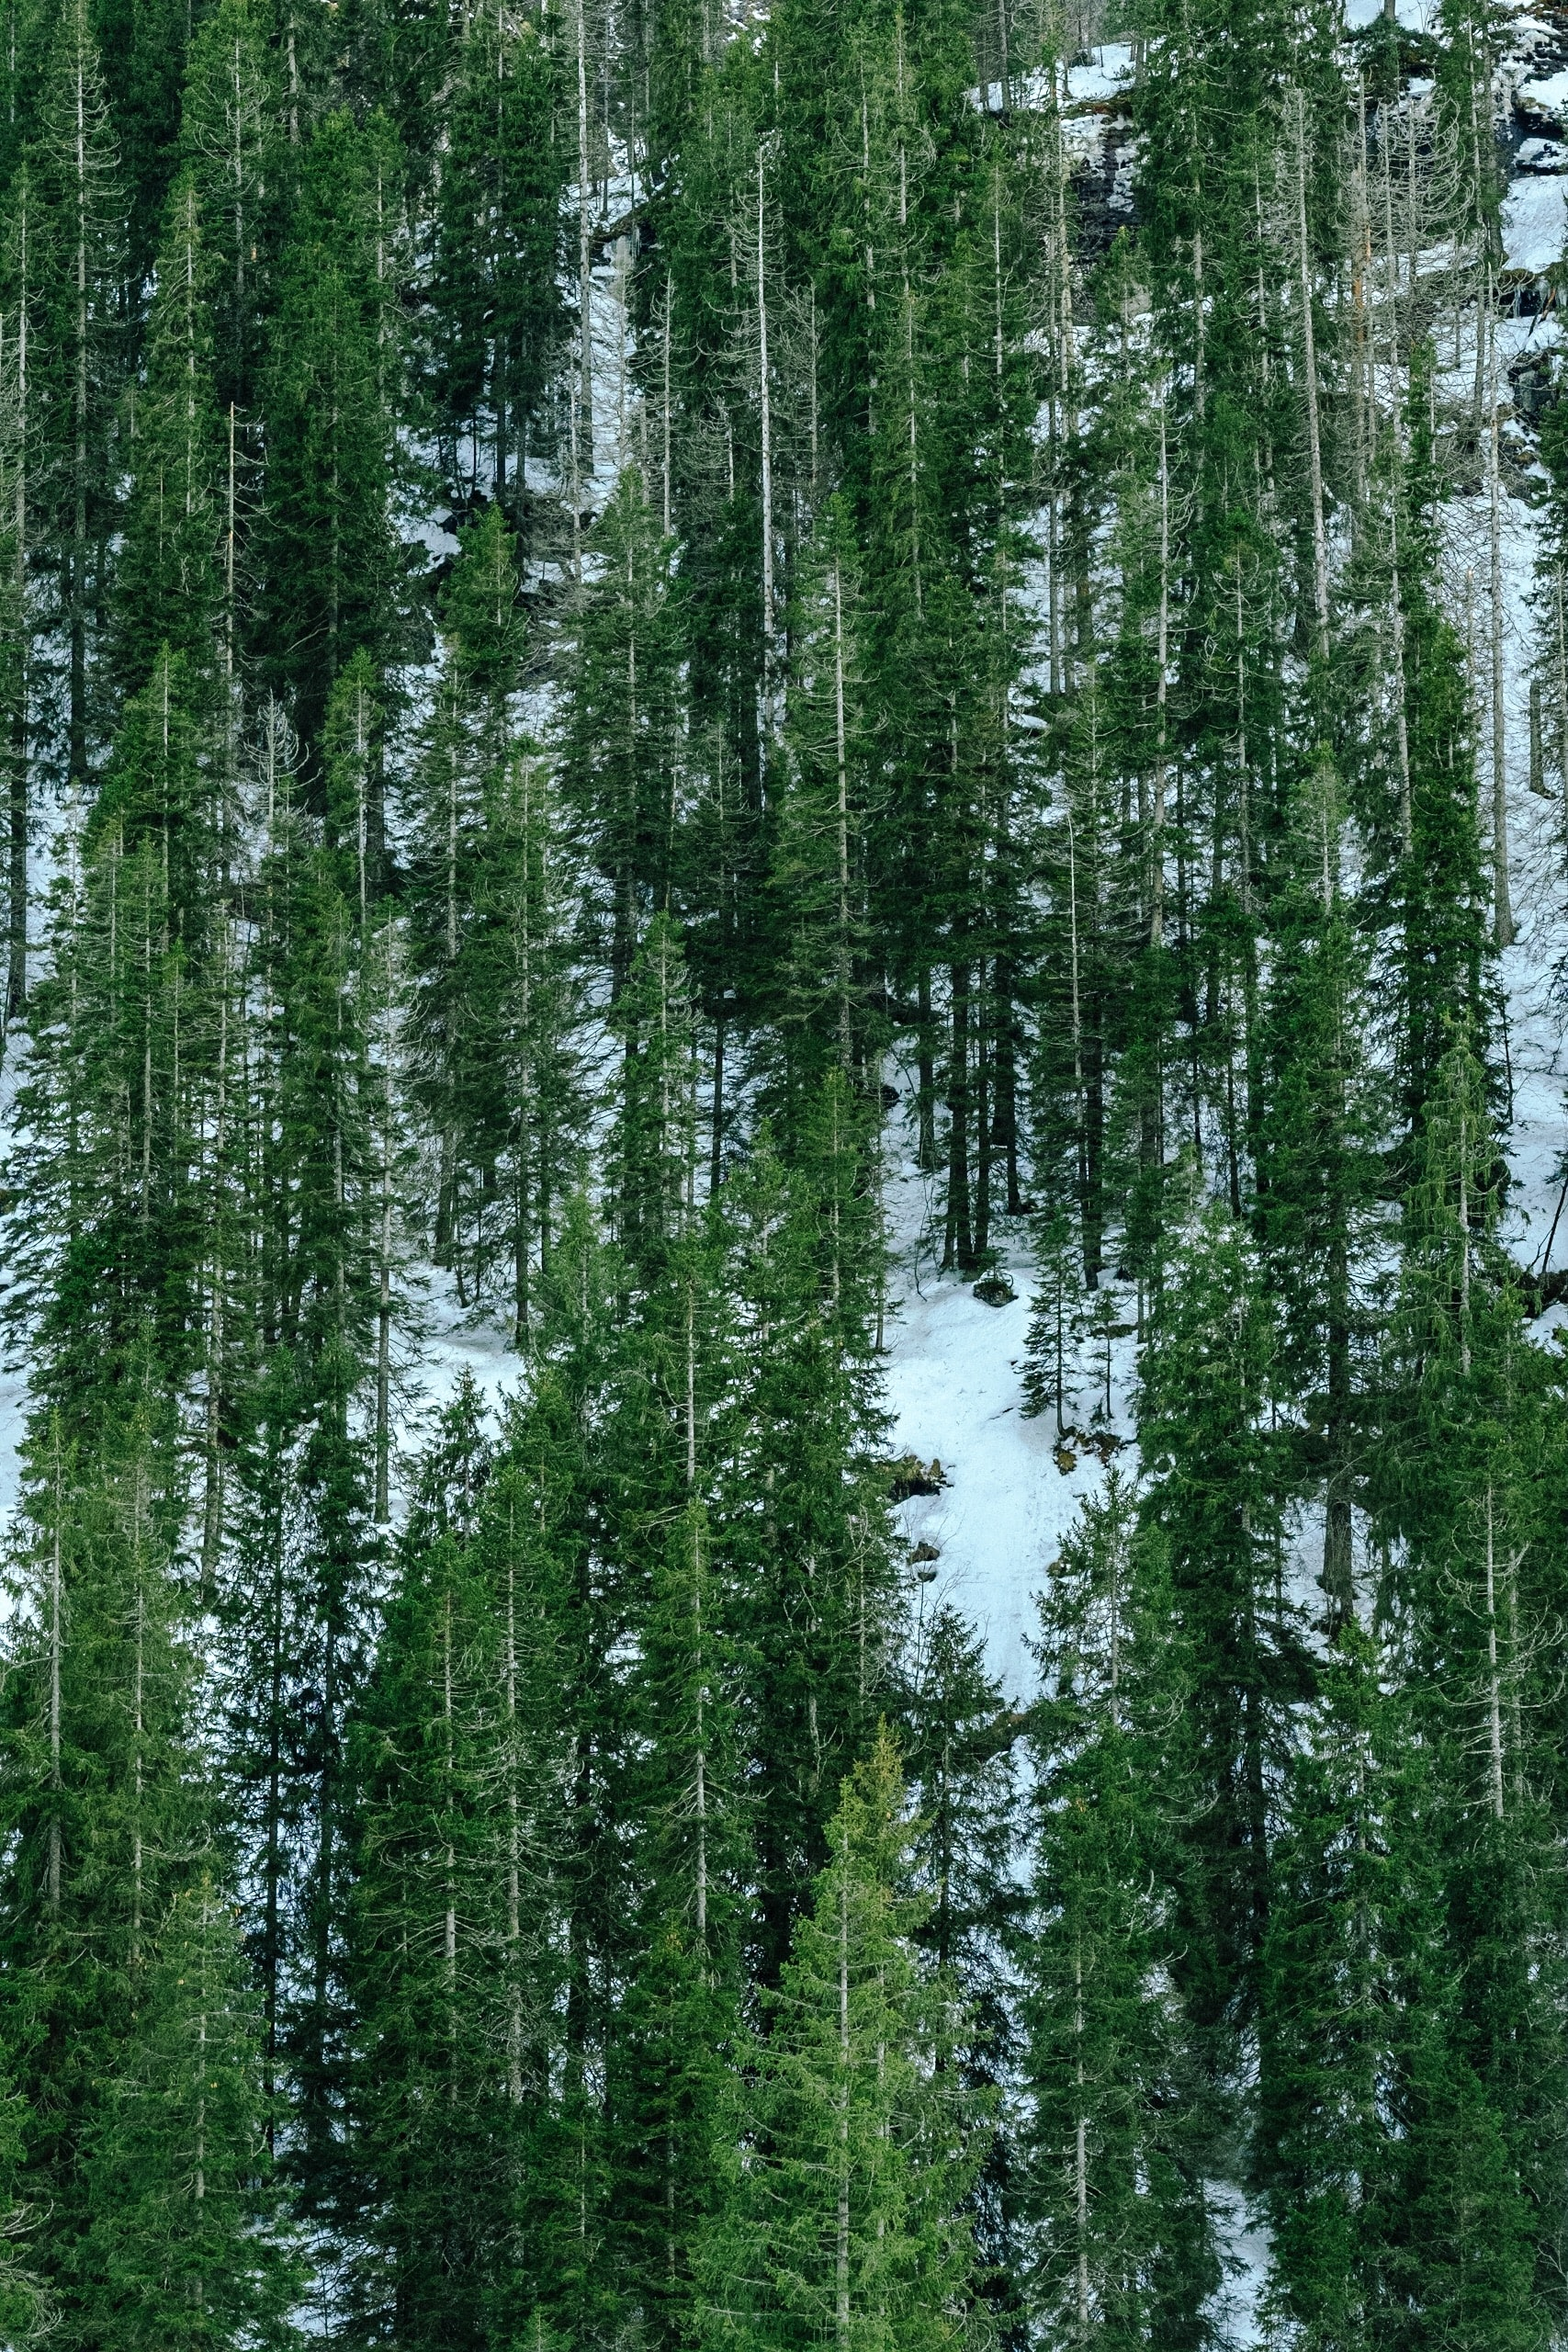 pine trees on snowy mountain